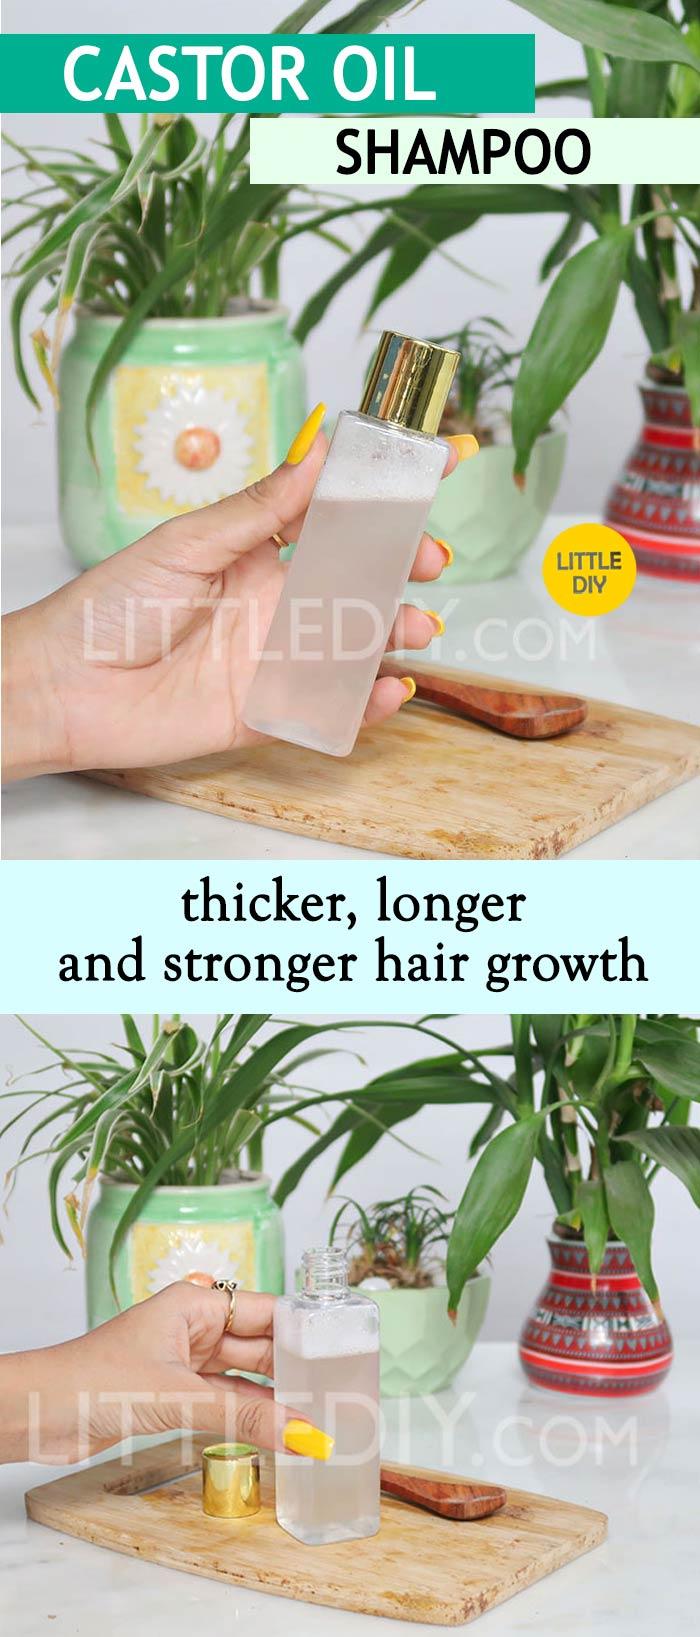 CASTOR OIL SHAMPOO FOR HAIR GROWTH